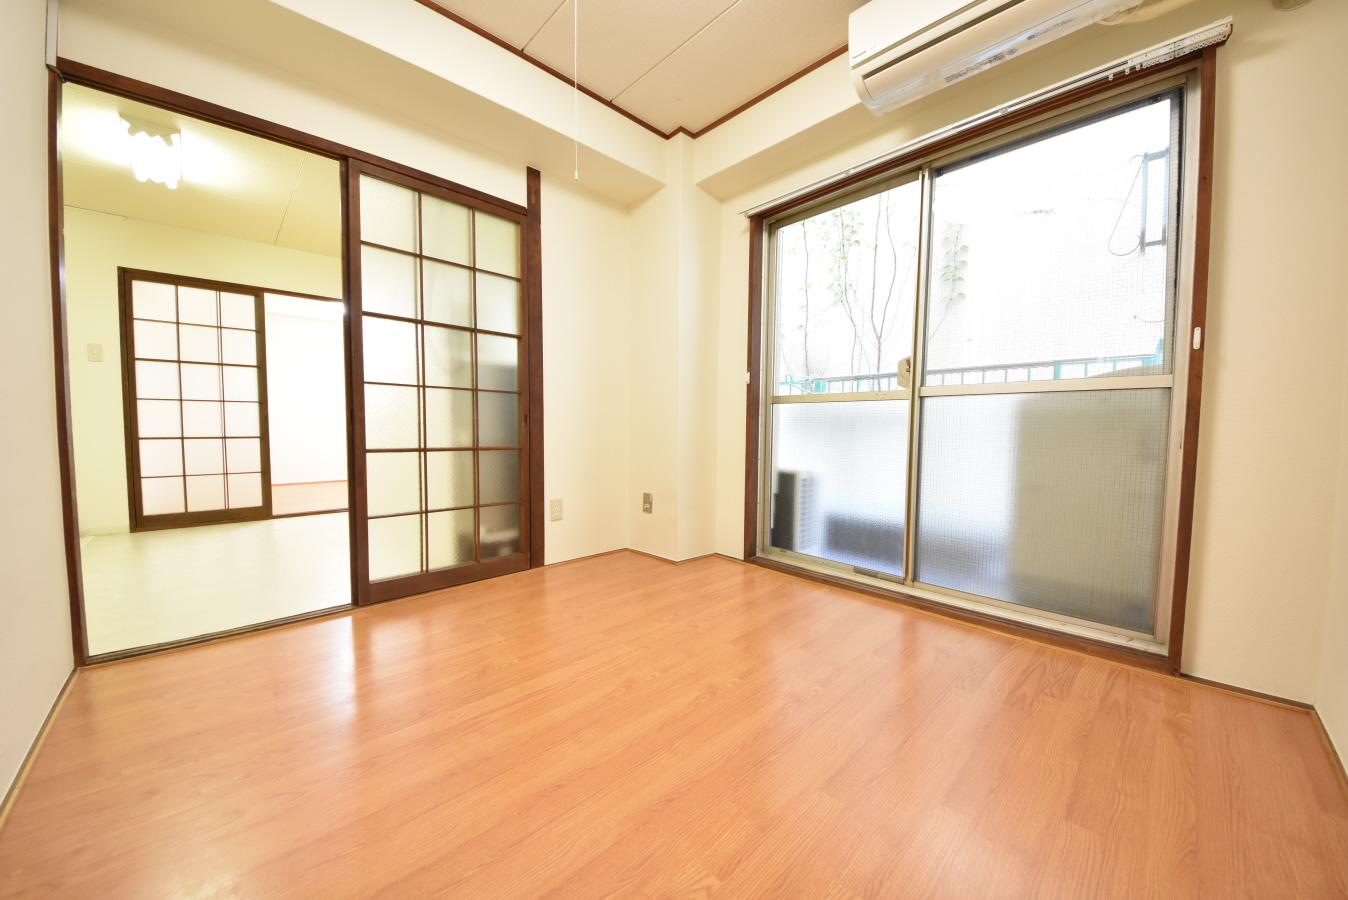 物件番号: 1025810505 オリーブヒルズ北野  神戸市中央区北野町4丁目 2DK マンション 画像1